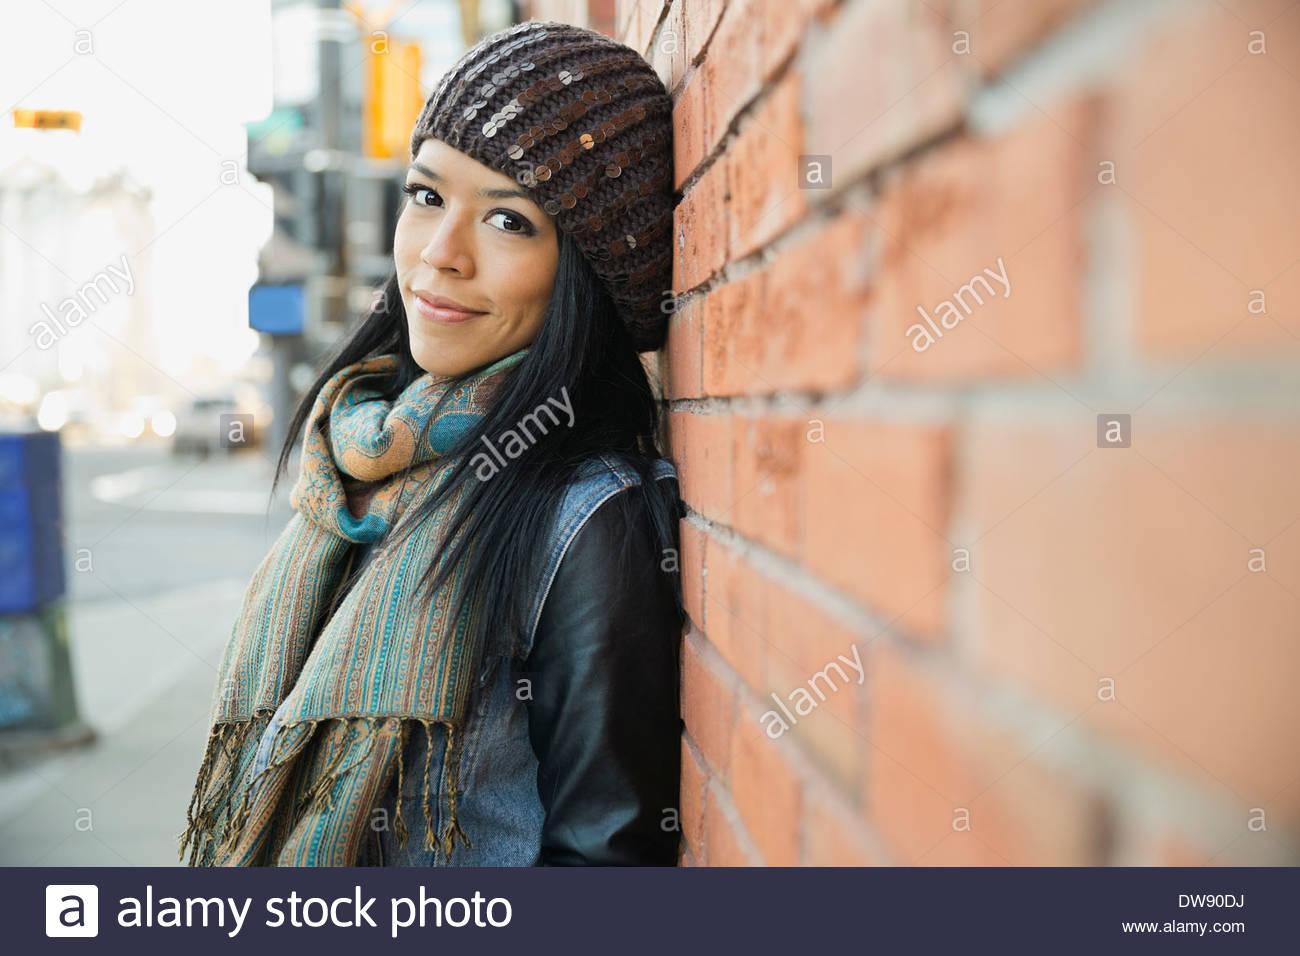 Ritratto di donna appoggiata contro un muro di mattoni Immagini Stock